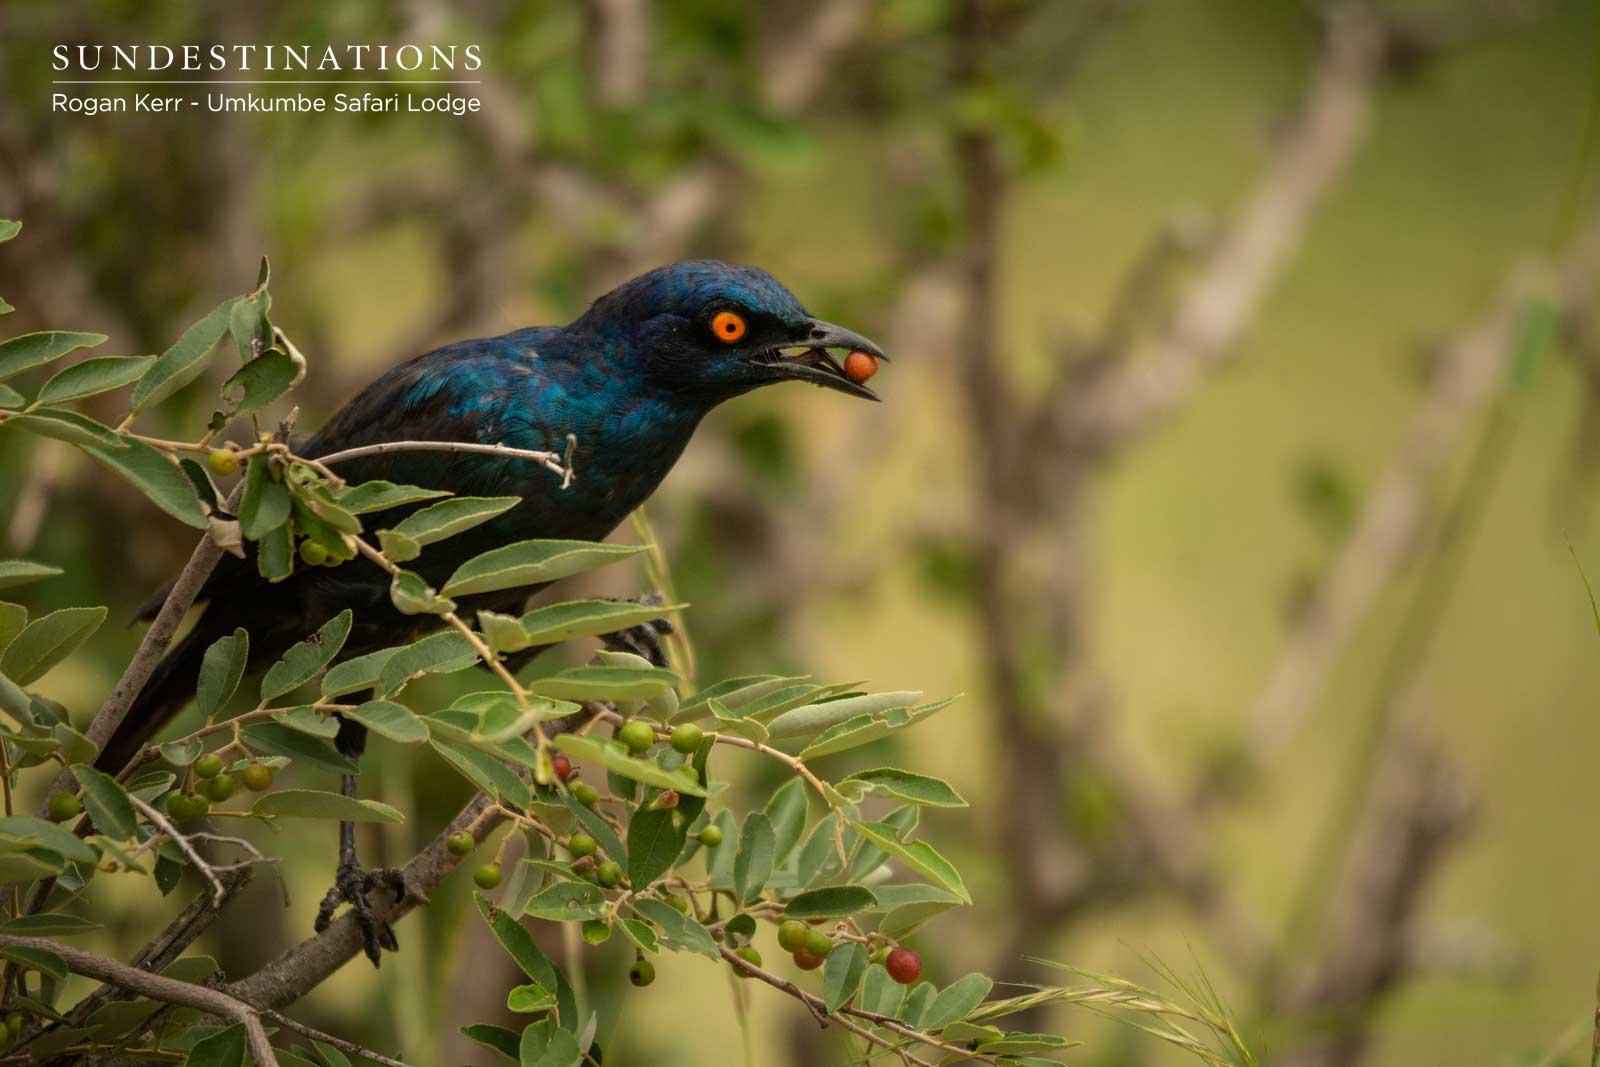 Birdlife at Umkumbe Safari Lodge